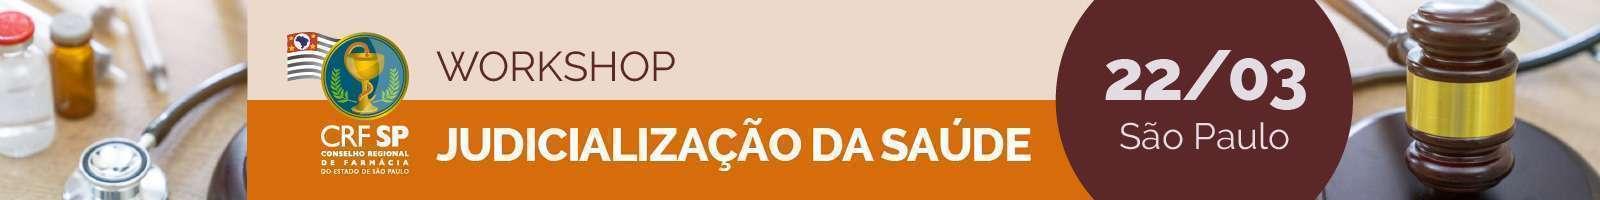 Banner Workshop Judicialização da Saúde 22 de março São Paulo